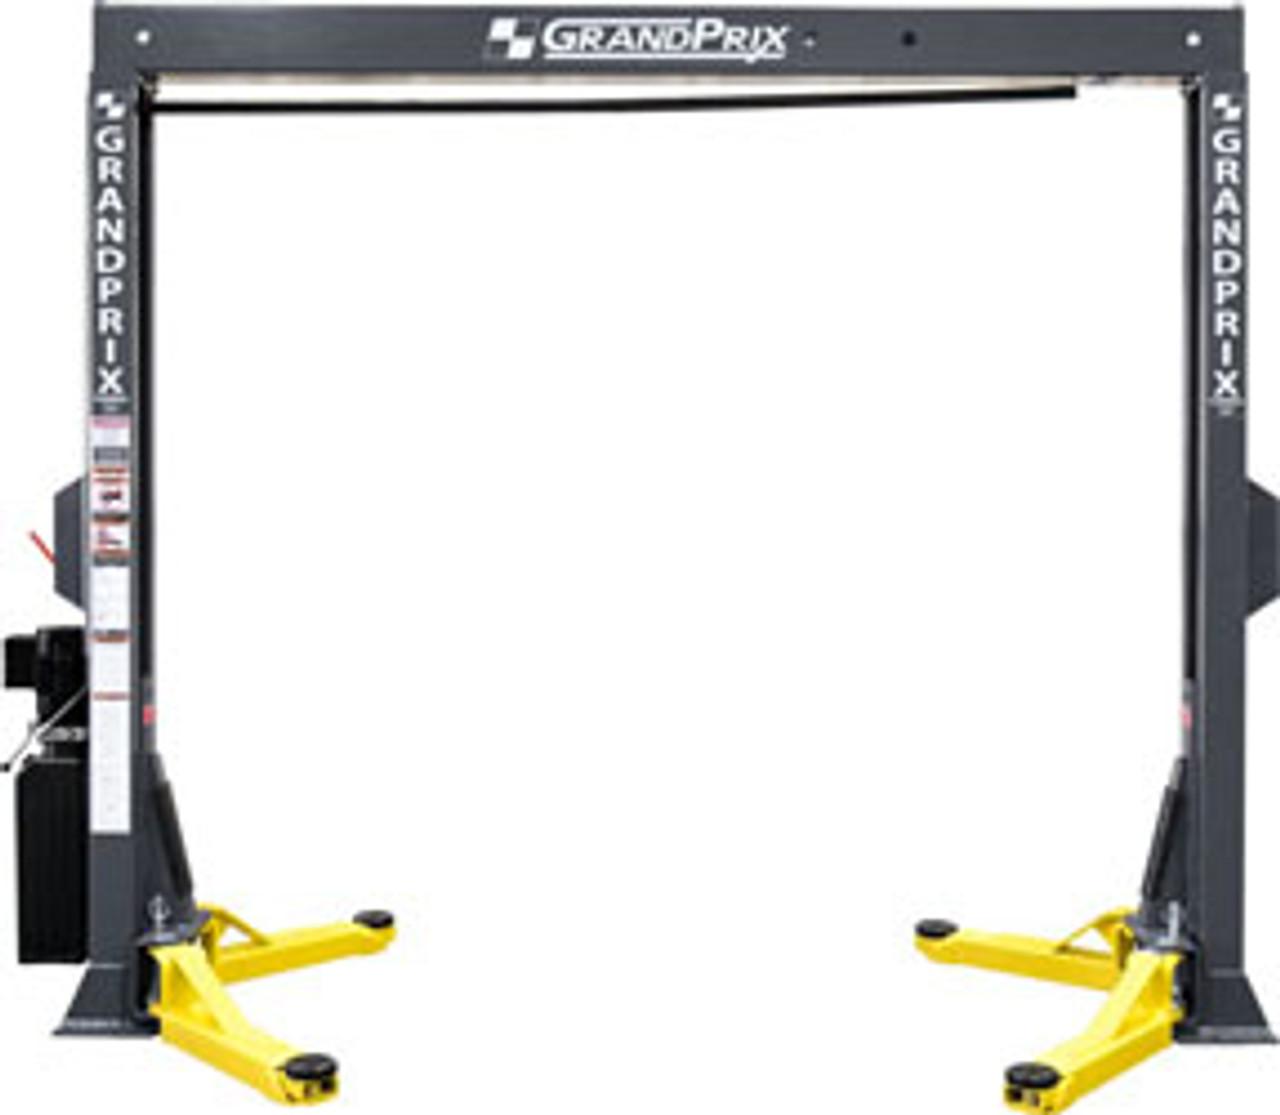 BendPak GrandPrix™ GP-7LC Bi-metric™ Narrow Bays & Low Ceilings 2 Post Lift